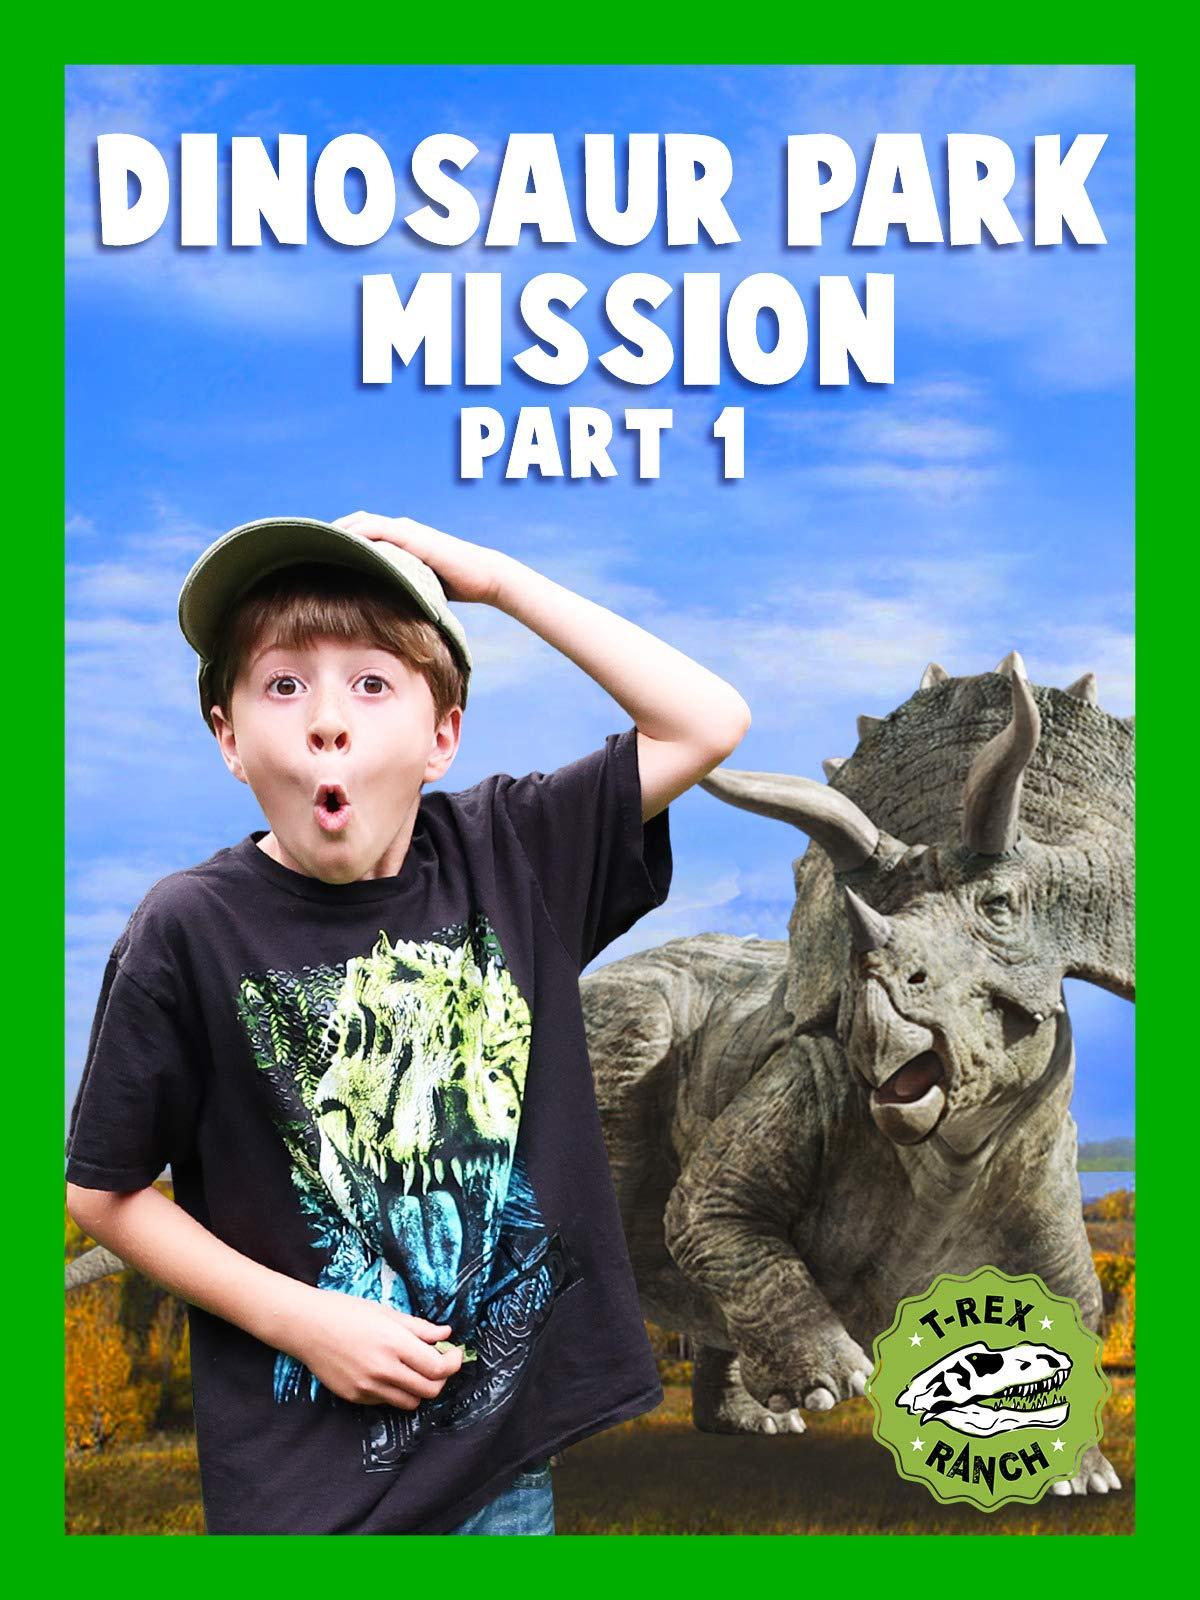 Dinosaur Park Mission Part 1 - T-Rex Ranch